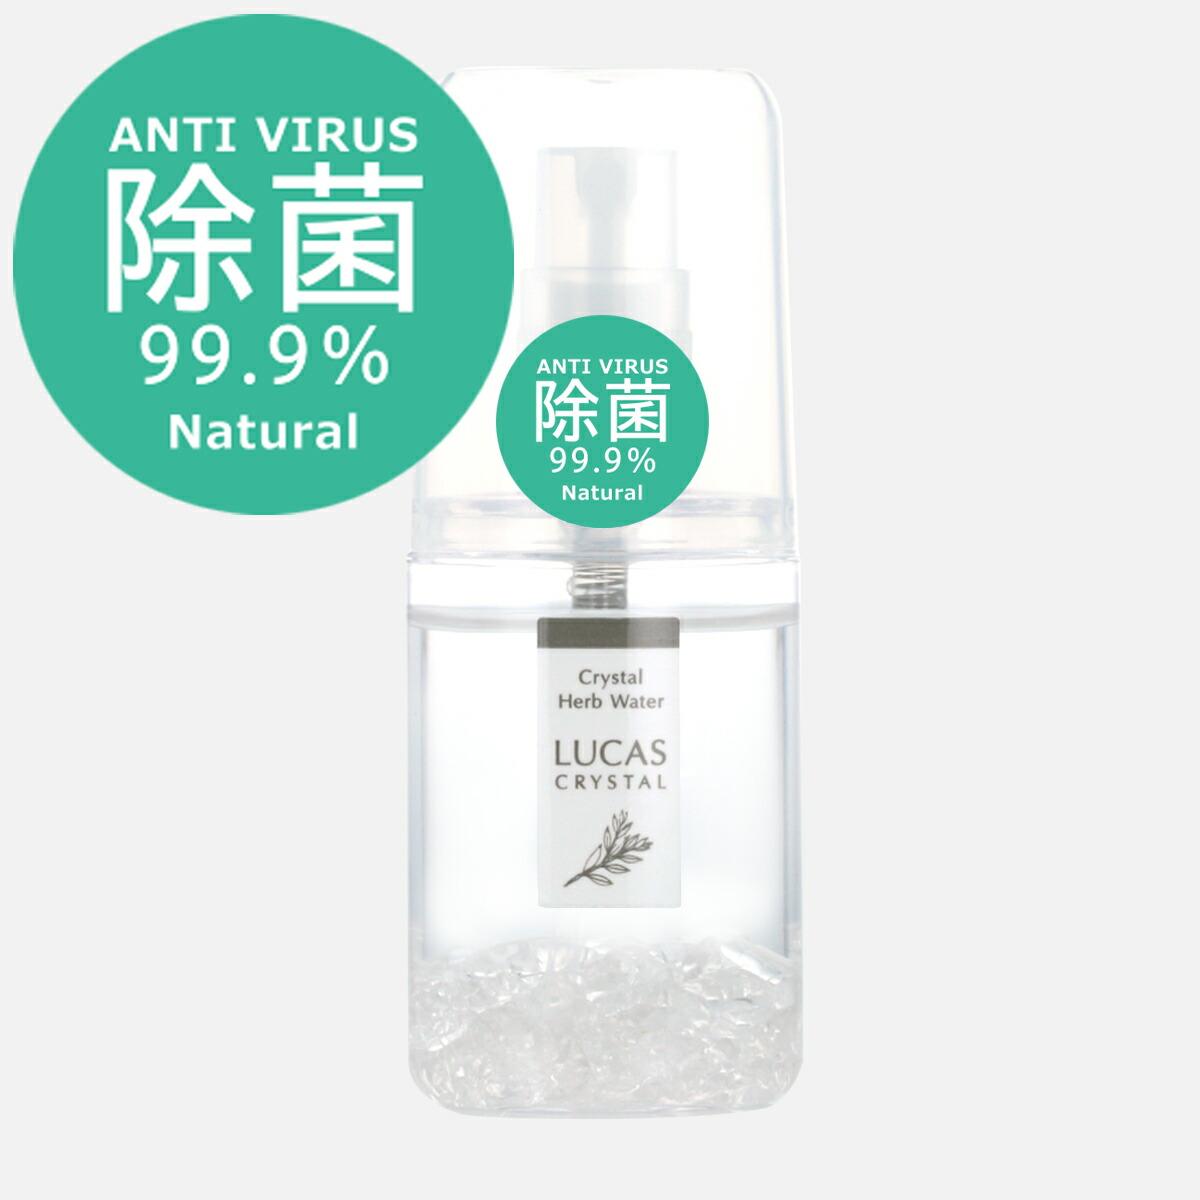 アンチウィルス 除菌スプレー ルカス 爽快ミントの香り(100%天然成分)